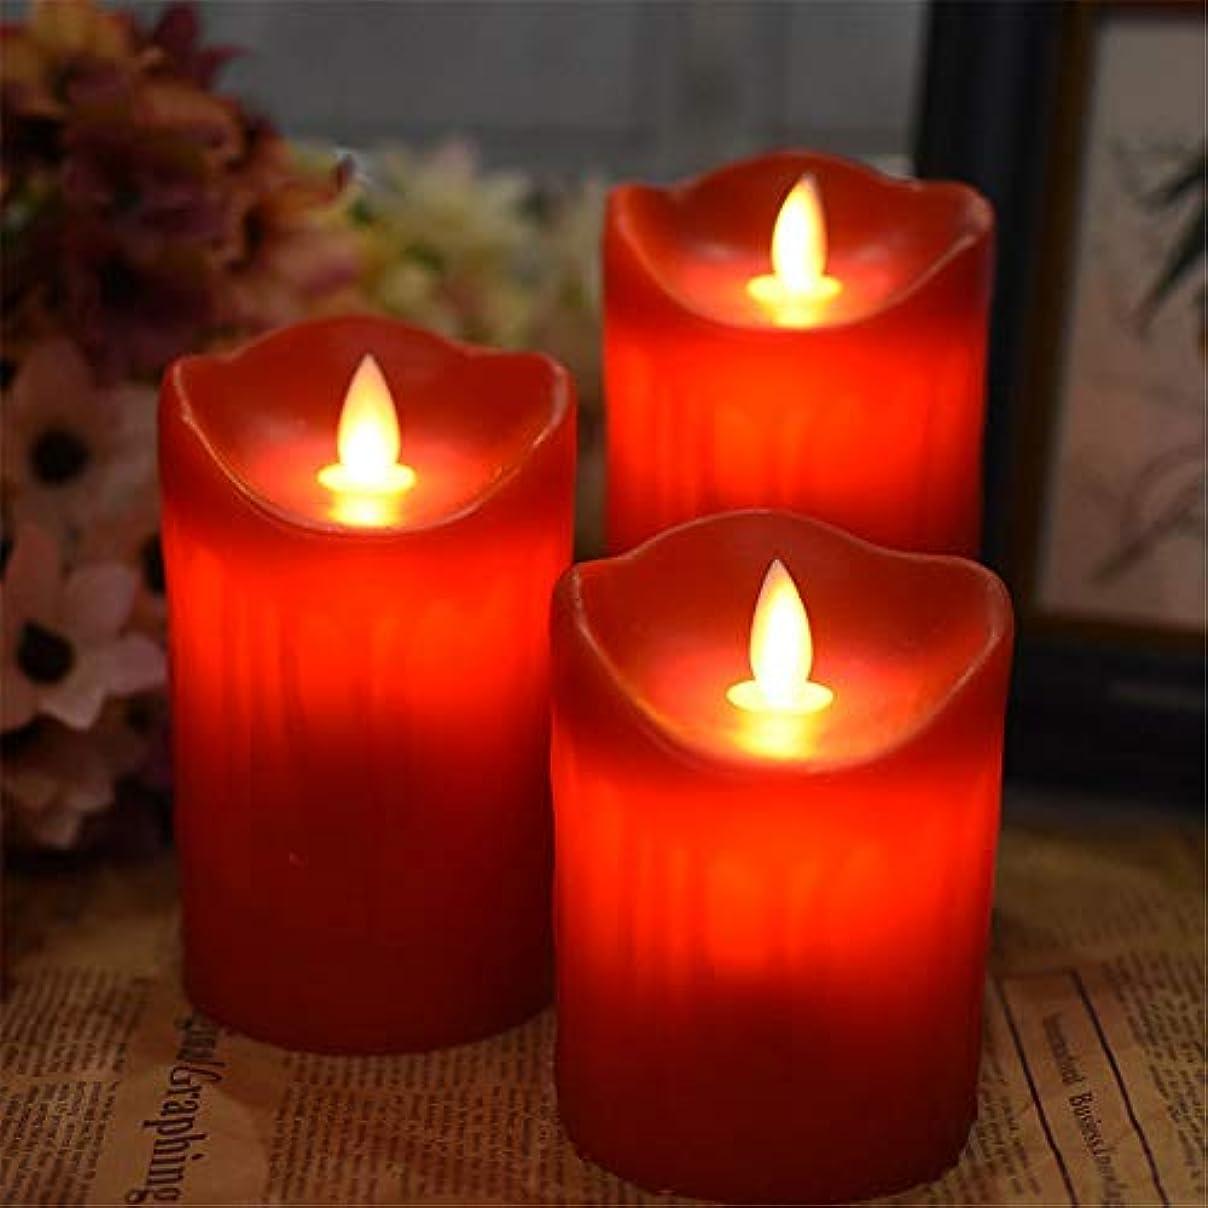 幽霊誰も痛いフレームレスキャンドルバッテリー式点滅LED炎柱リアルワックス、ウェディングパーティーデコレーション(H 3